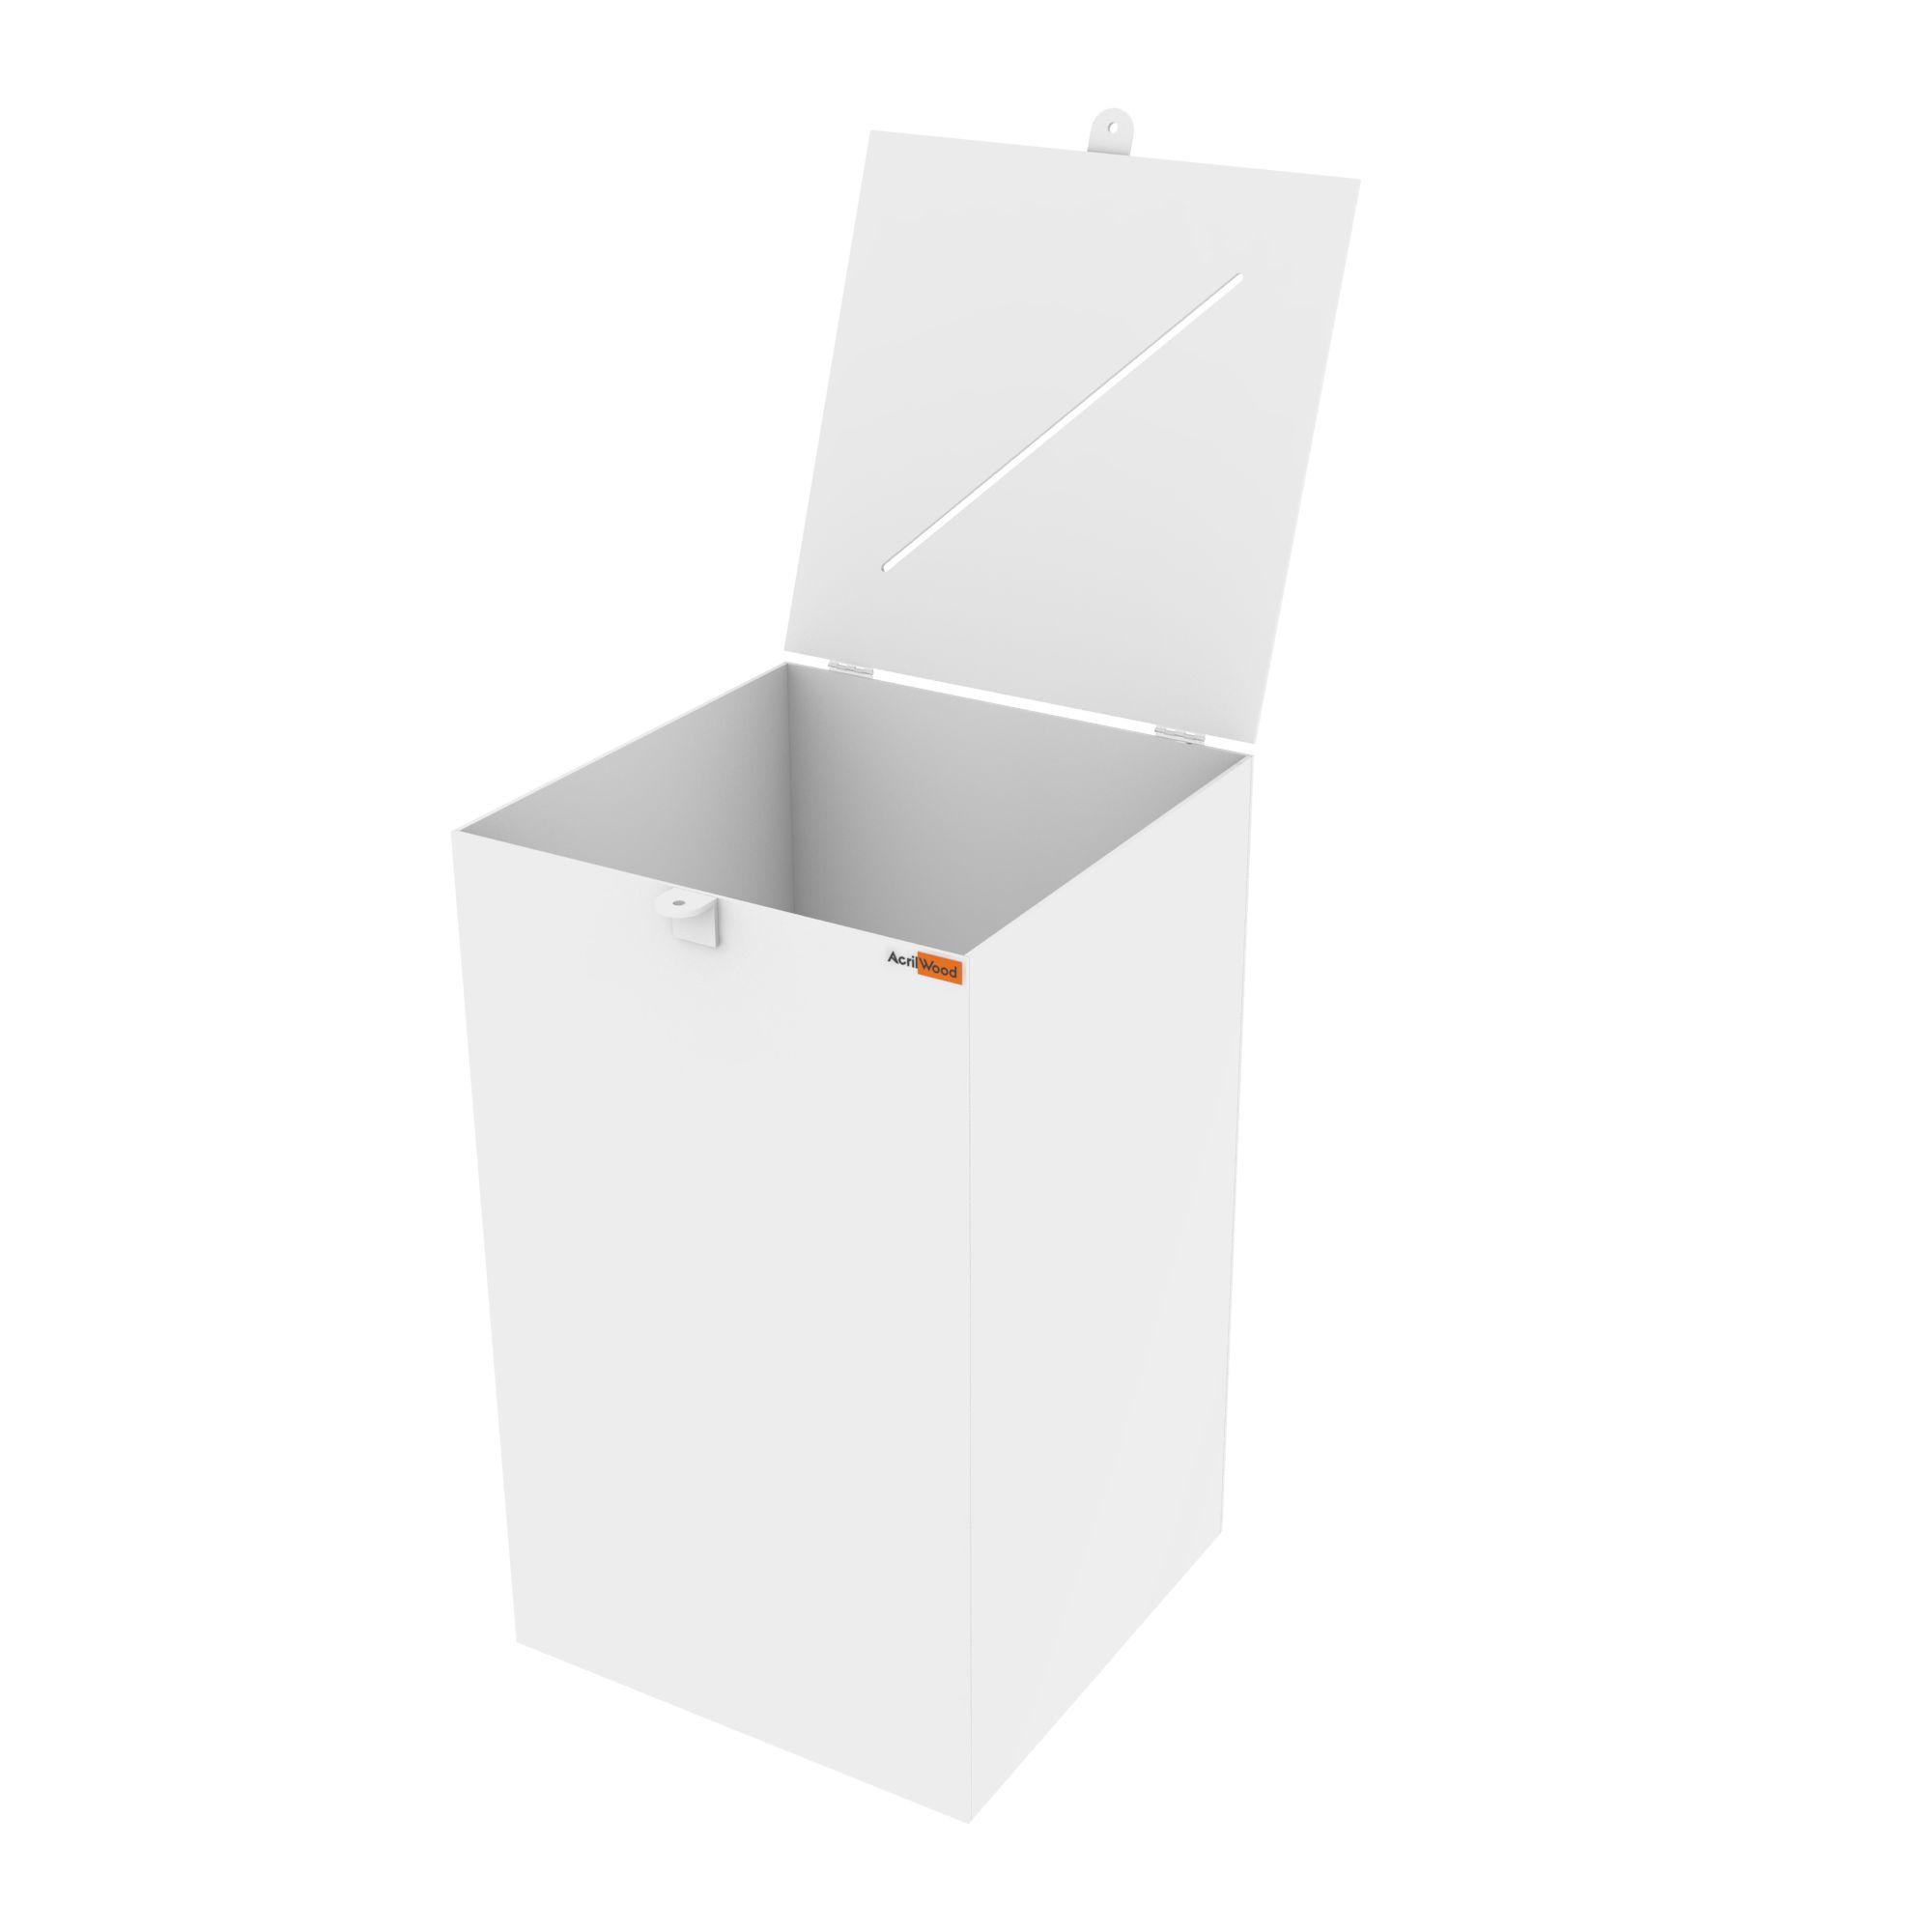 Urna Retangular Em Acrílico Branco - 30x30x50cm